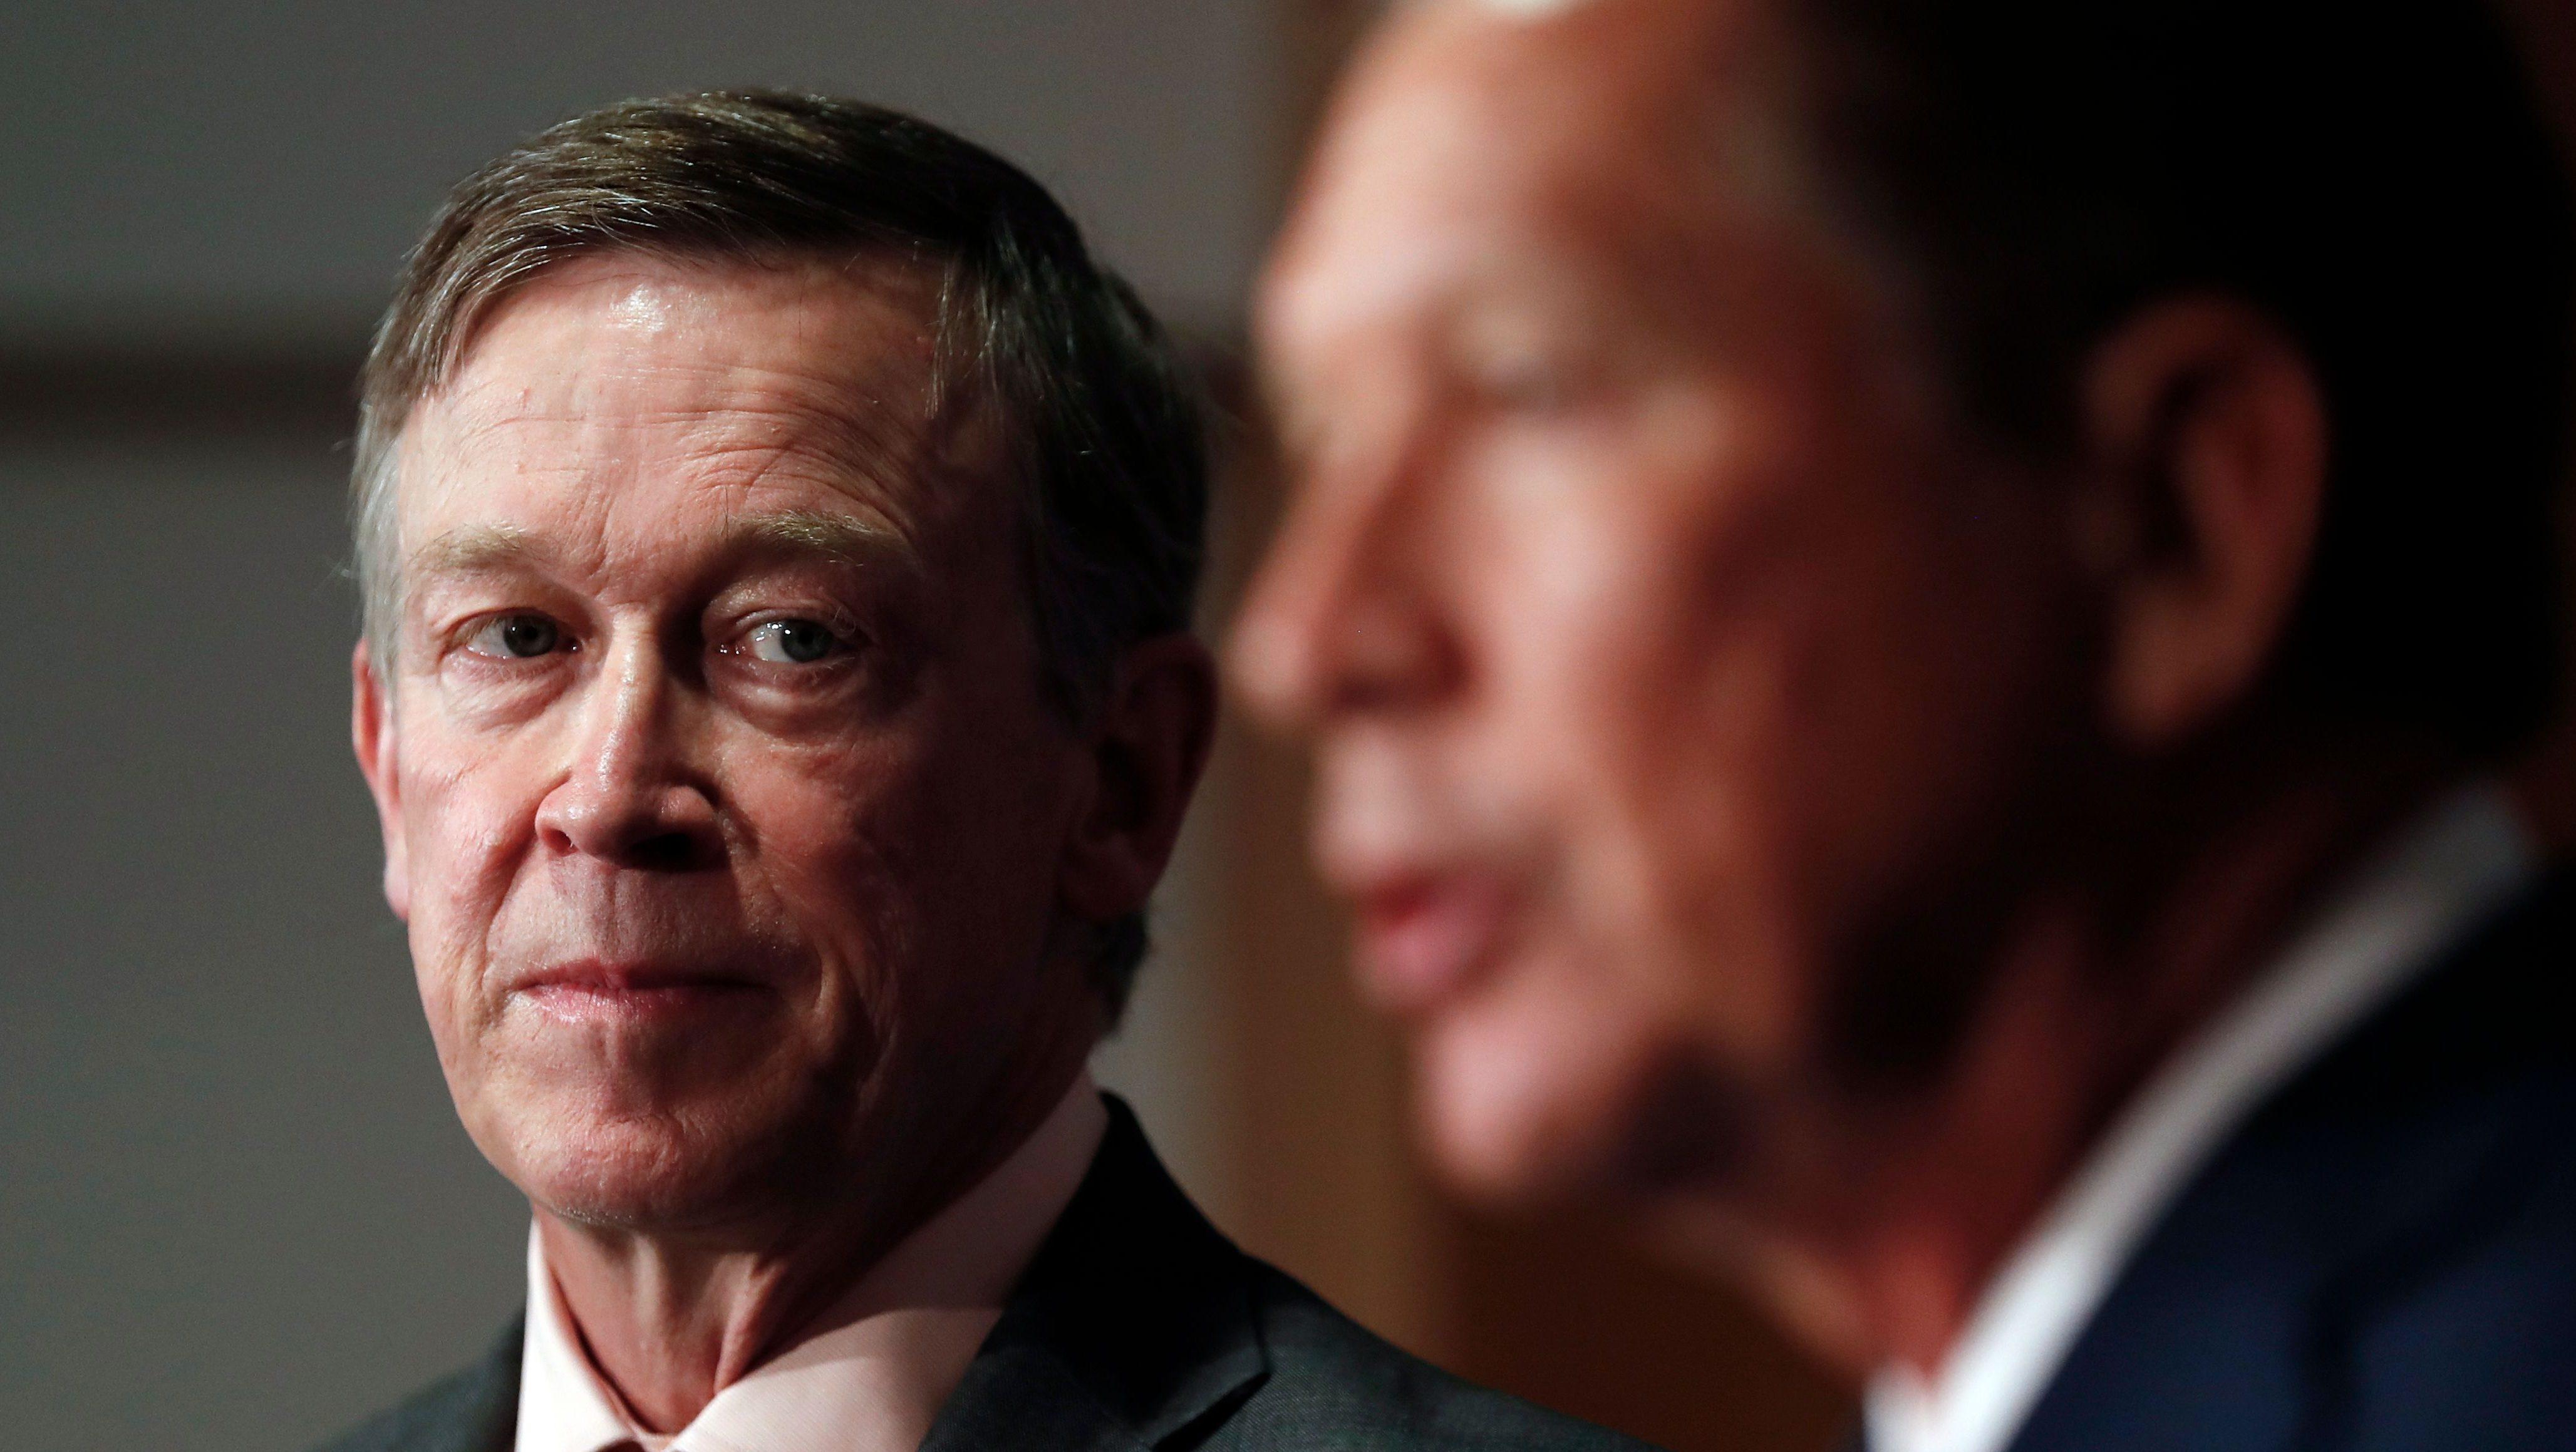 Colorado Gov. John Hickenlooper looks to Ohio Gov. John Kasich